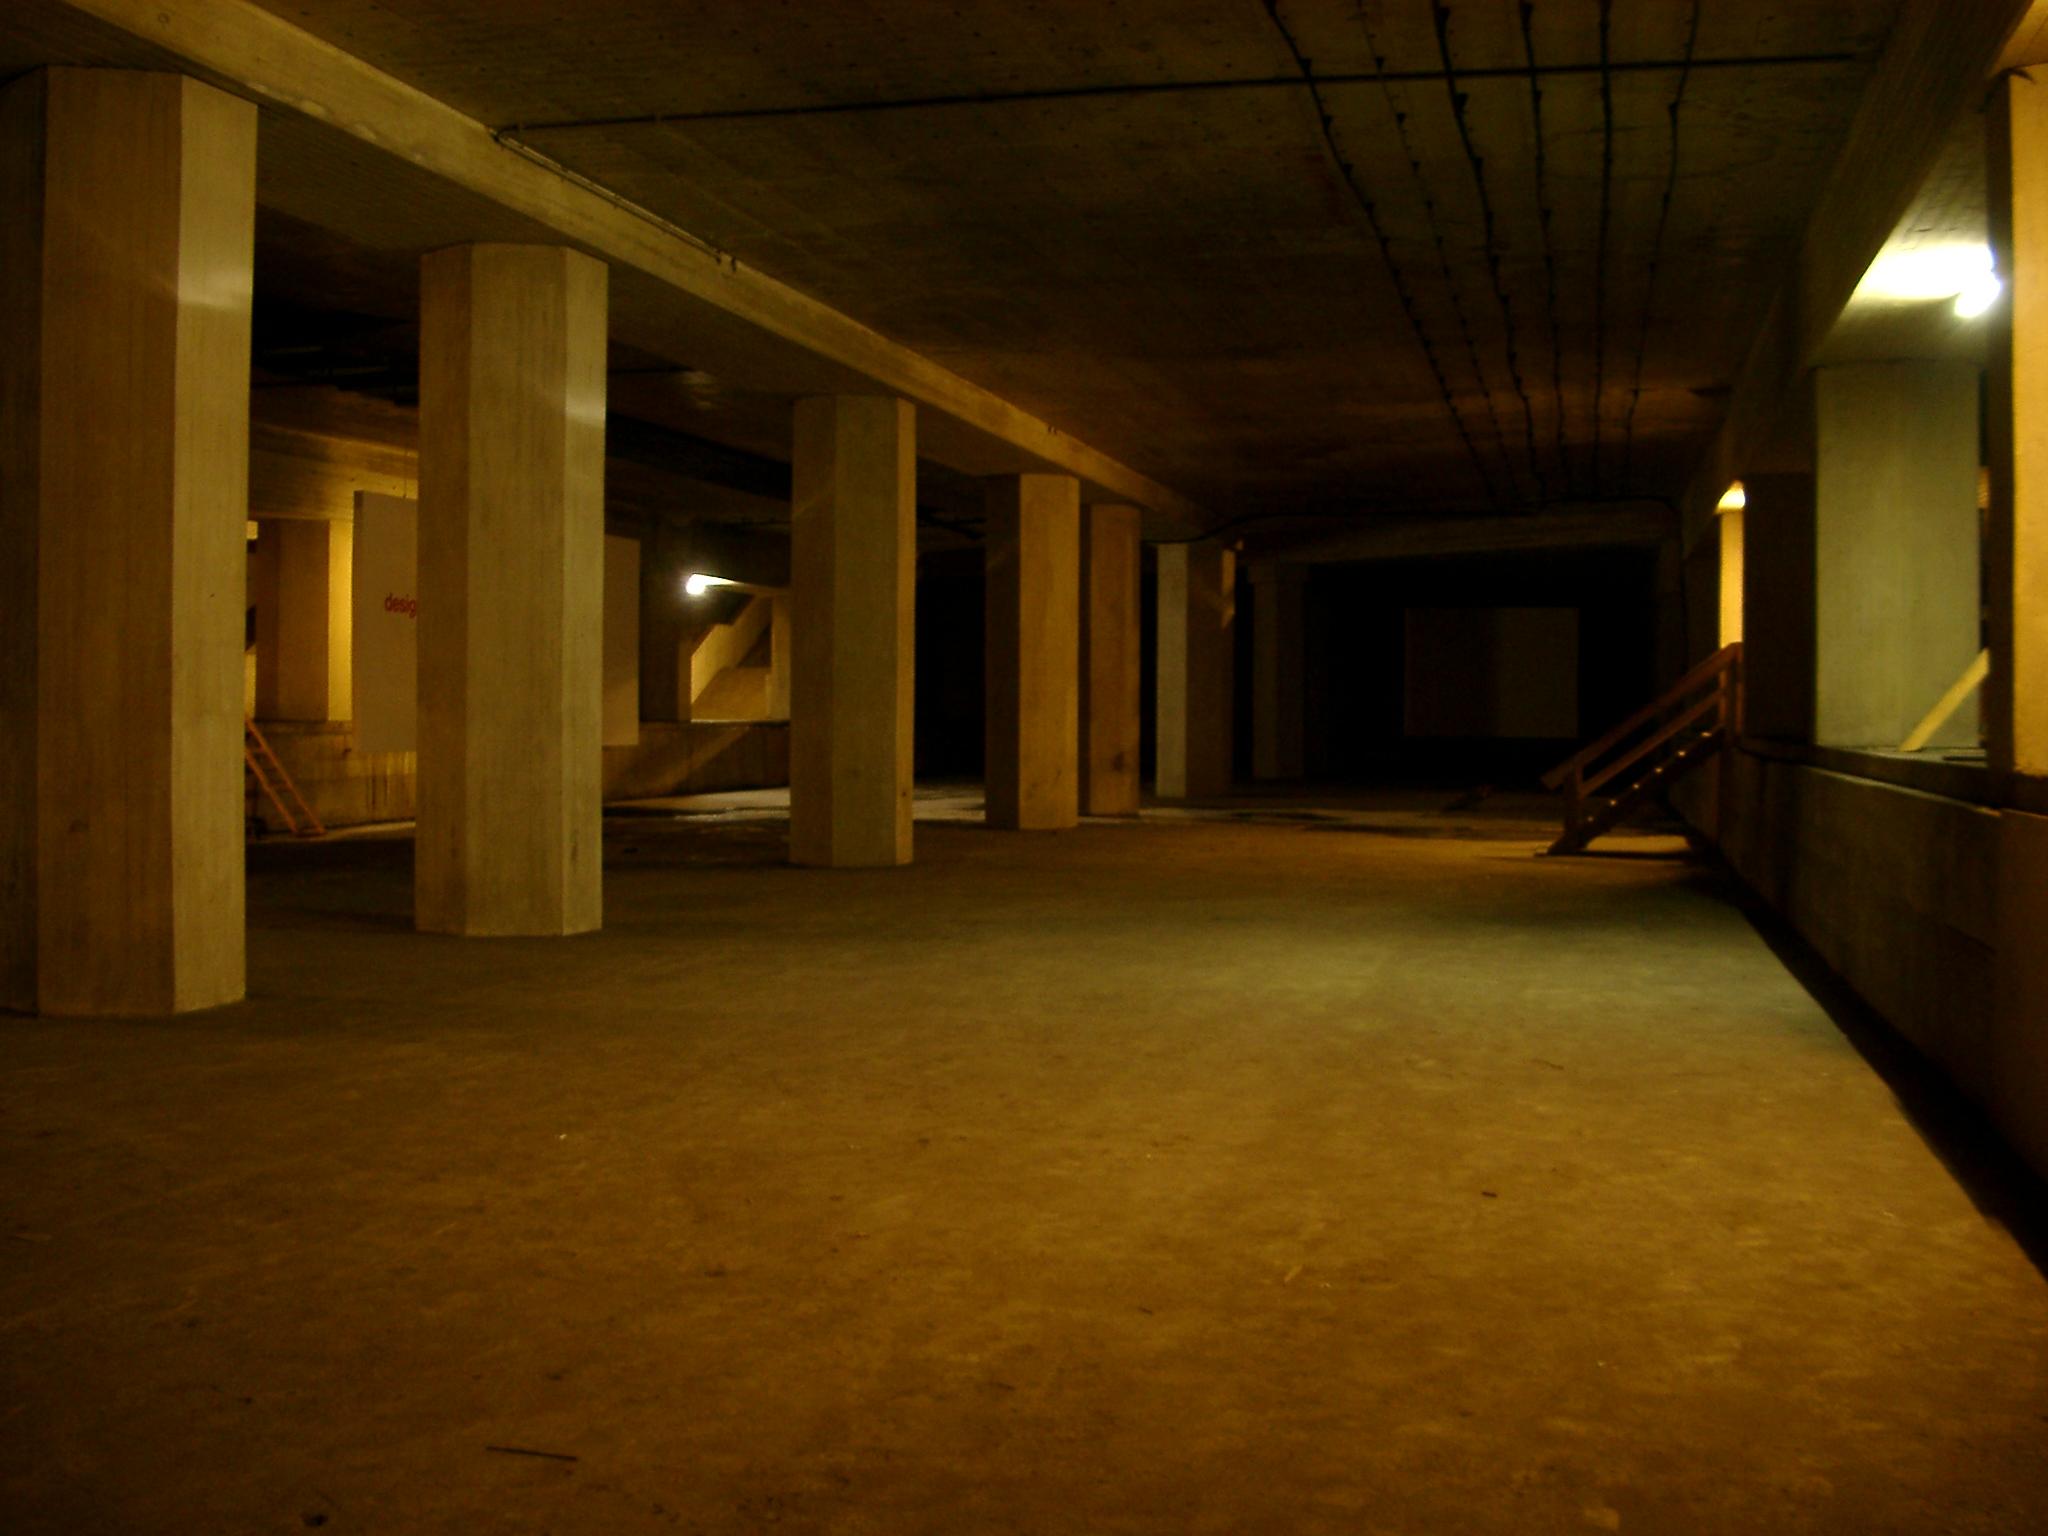 Tunnelstation für die D-Linie am Hauptbahnhof: Bauvorleistung aus den frühen 1970er Jahren